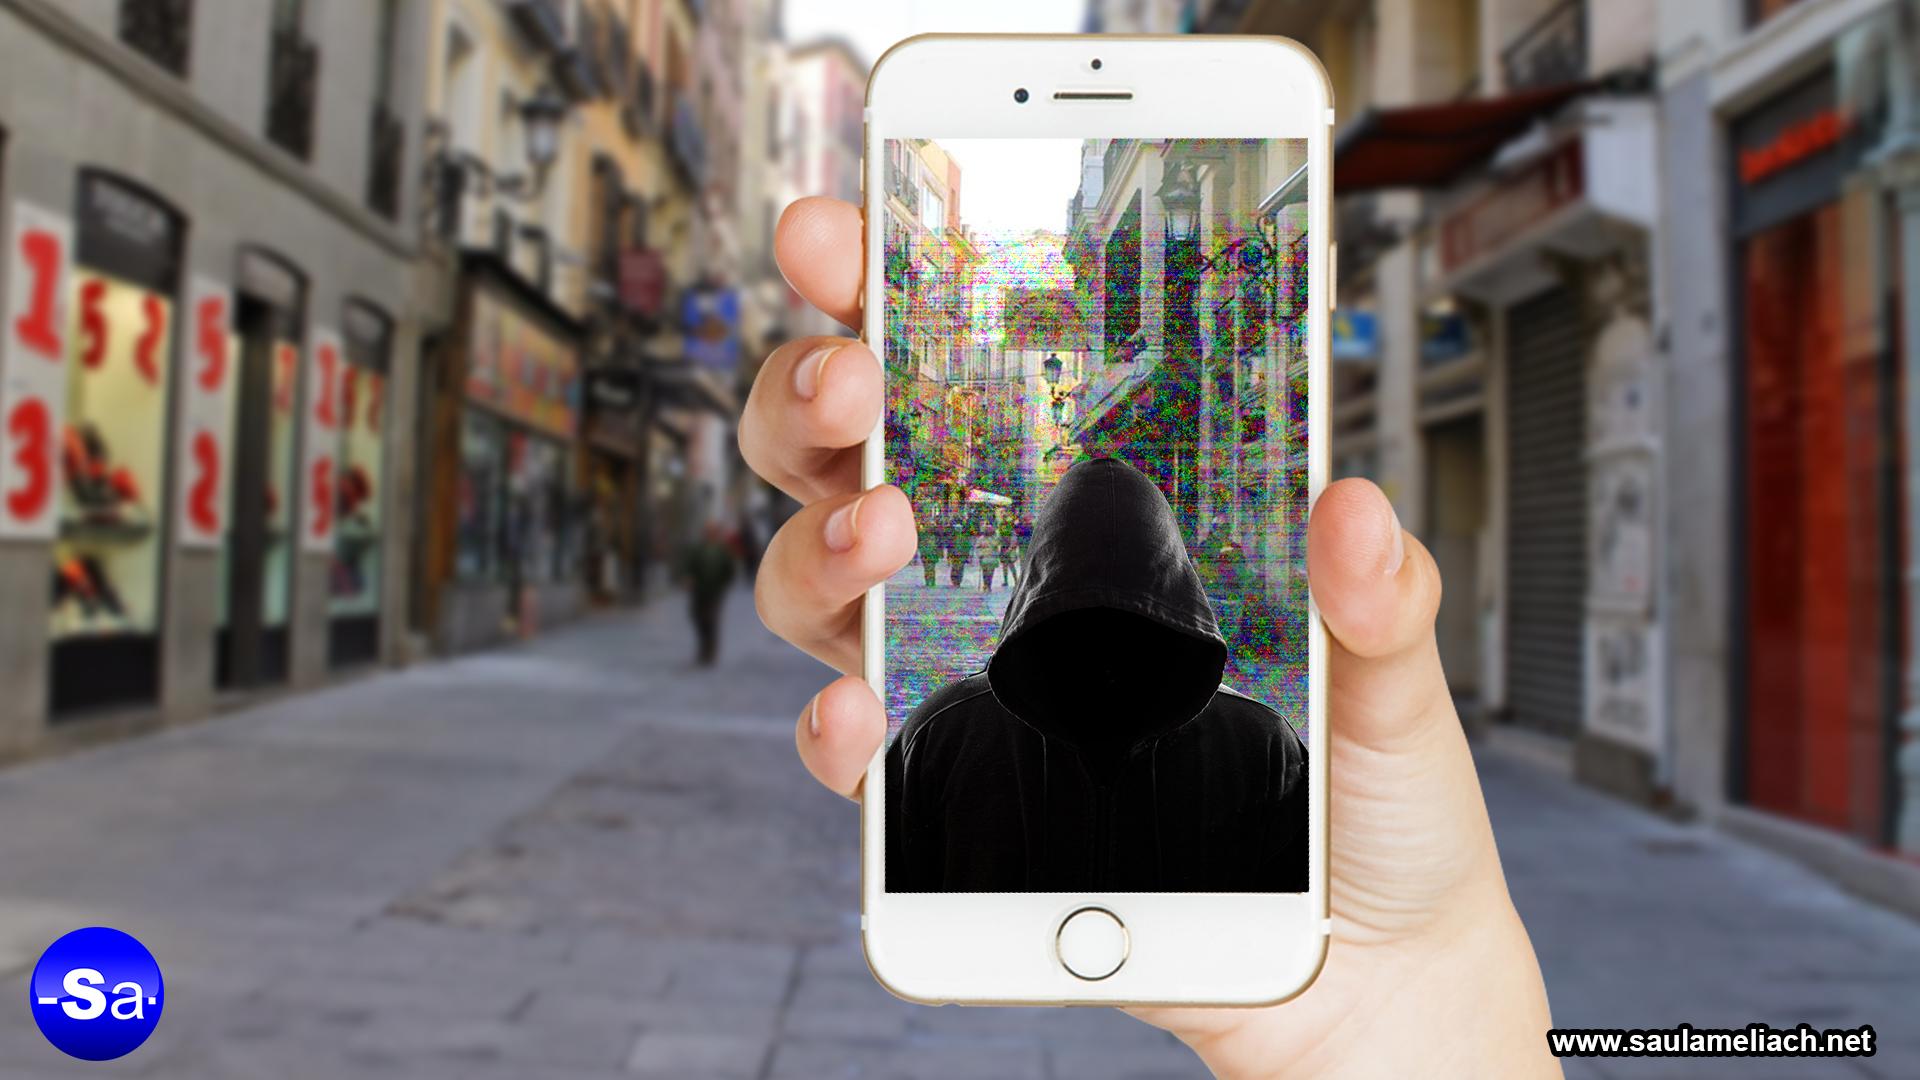 saul ameliach amenazas digital